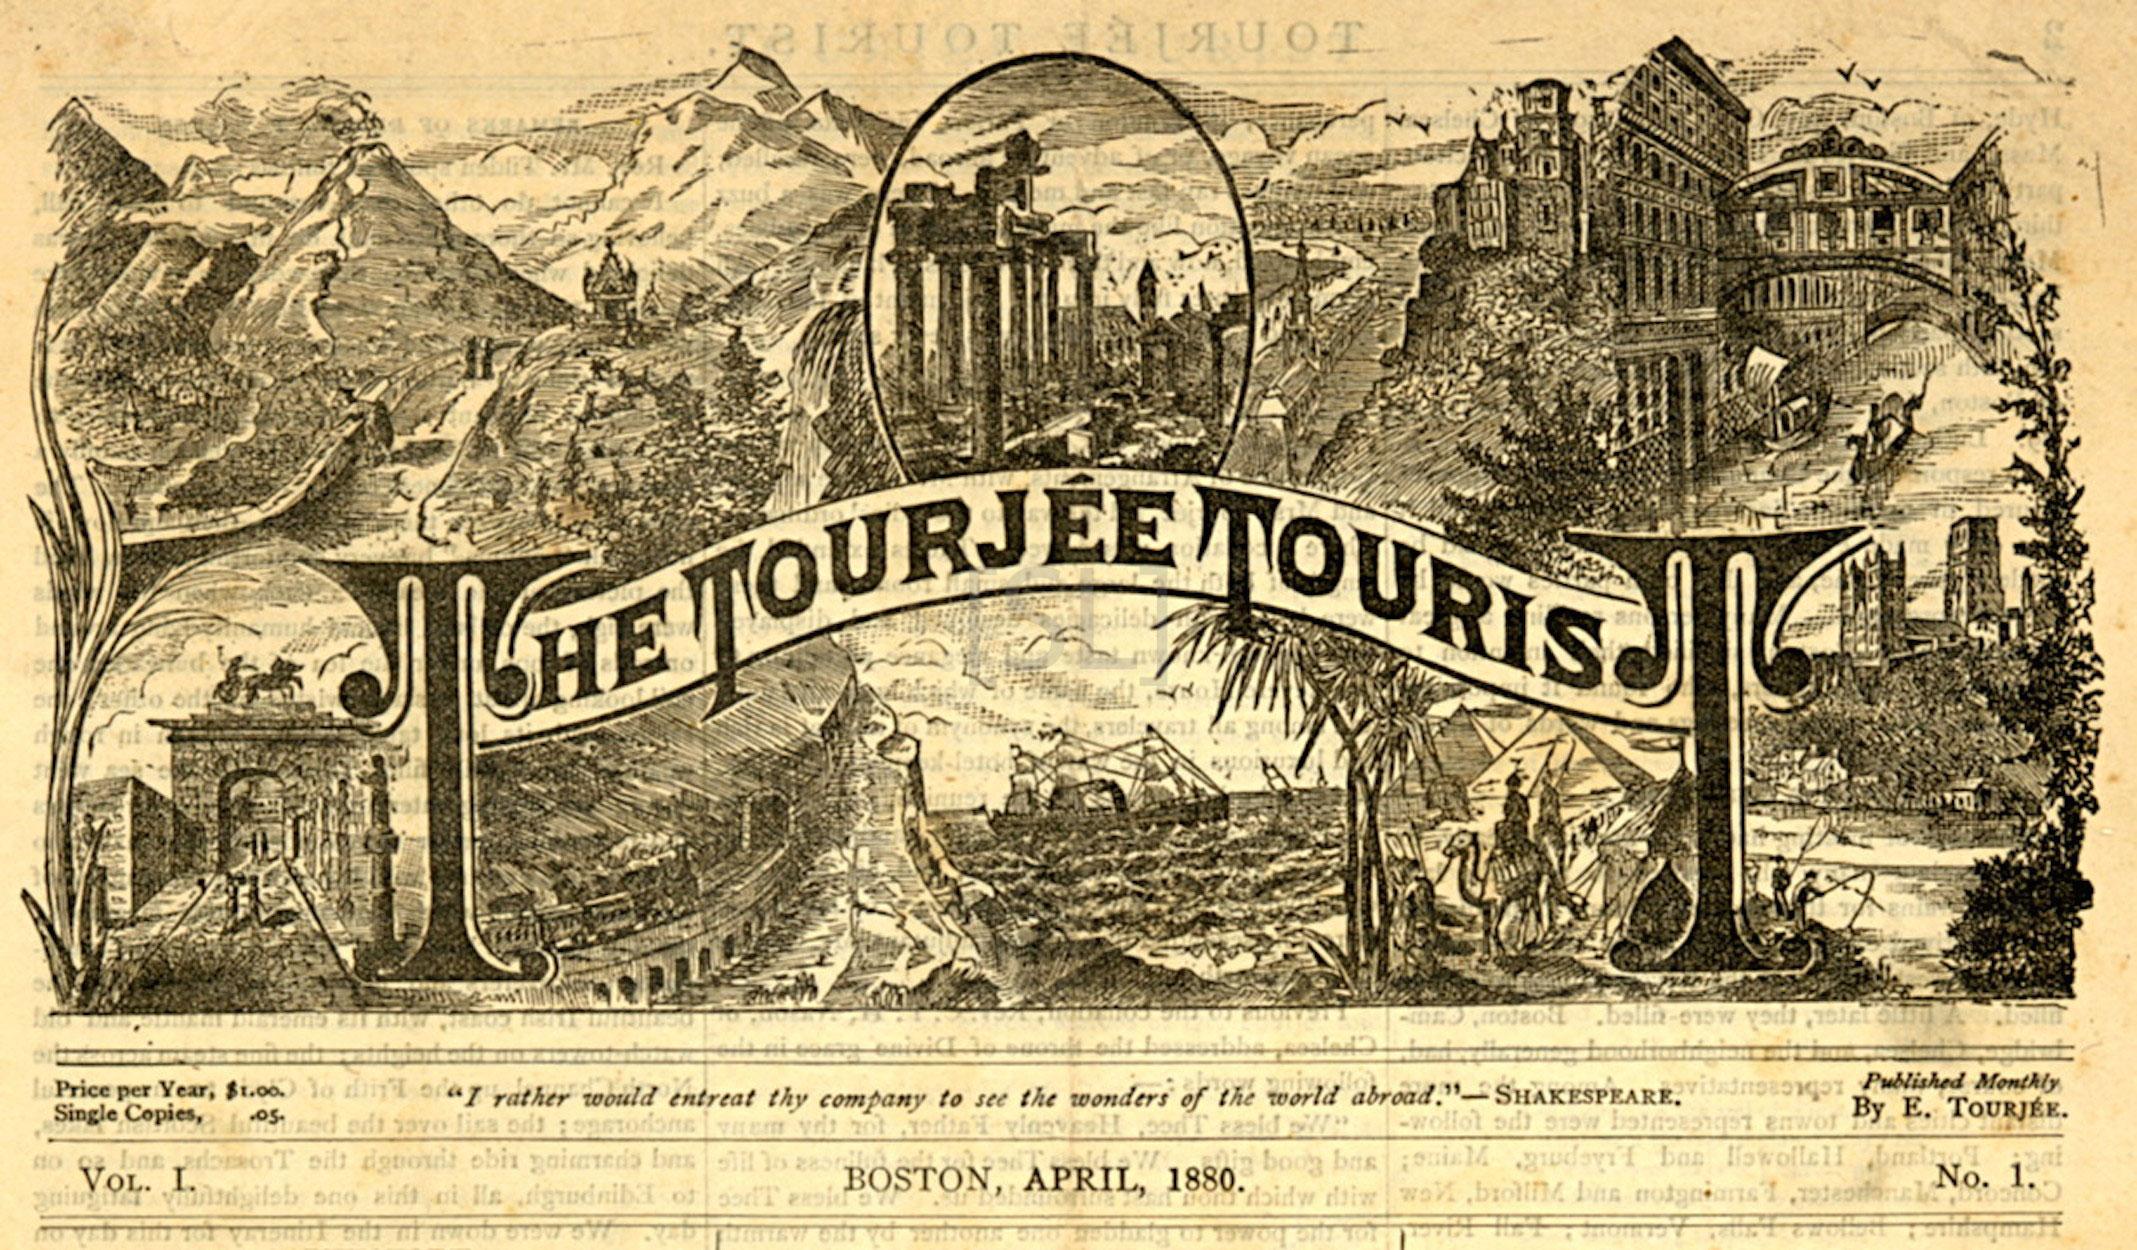 Tourjee Tourist